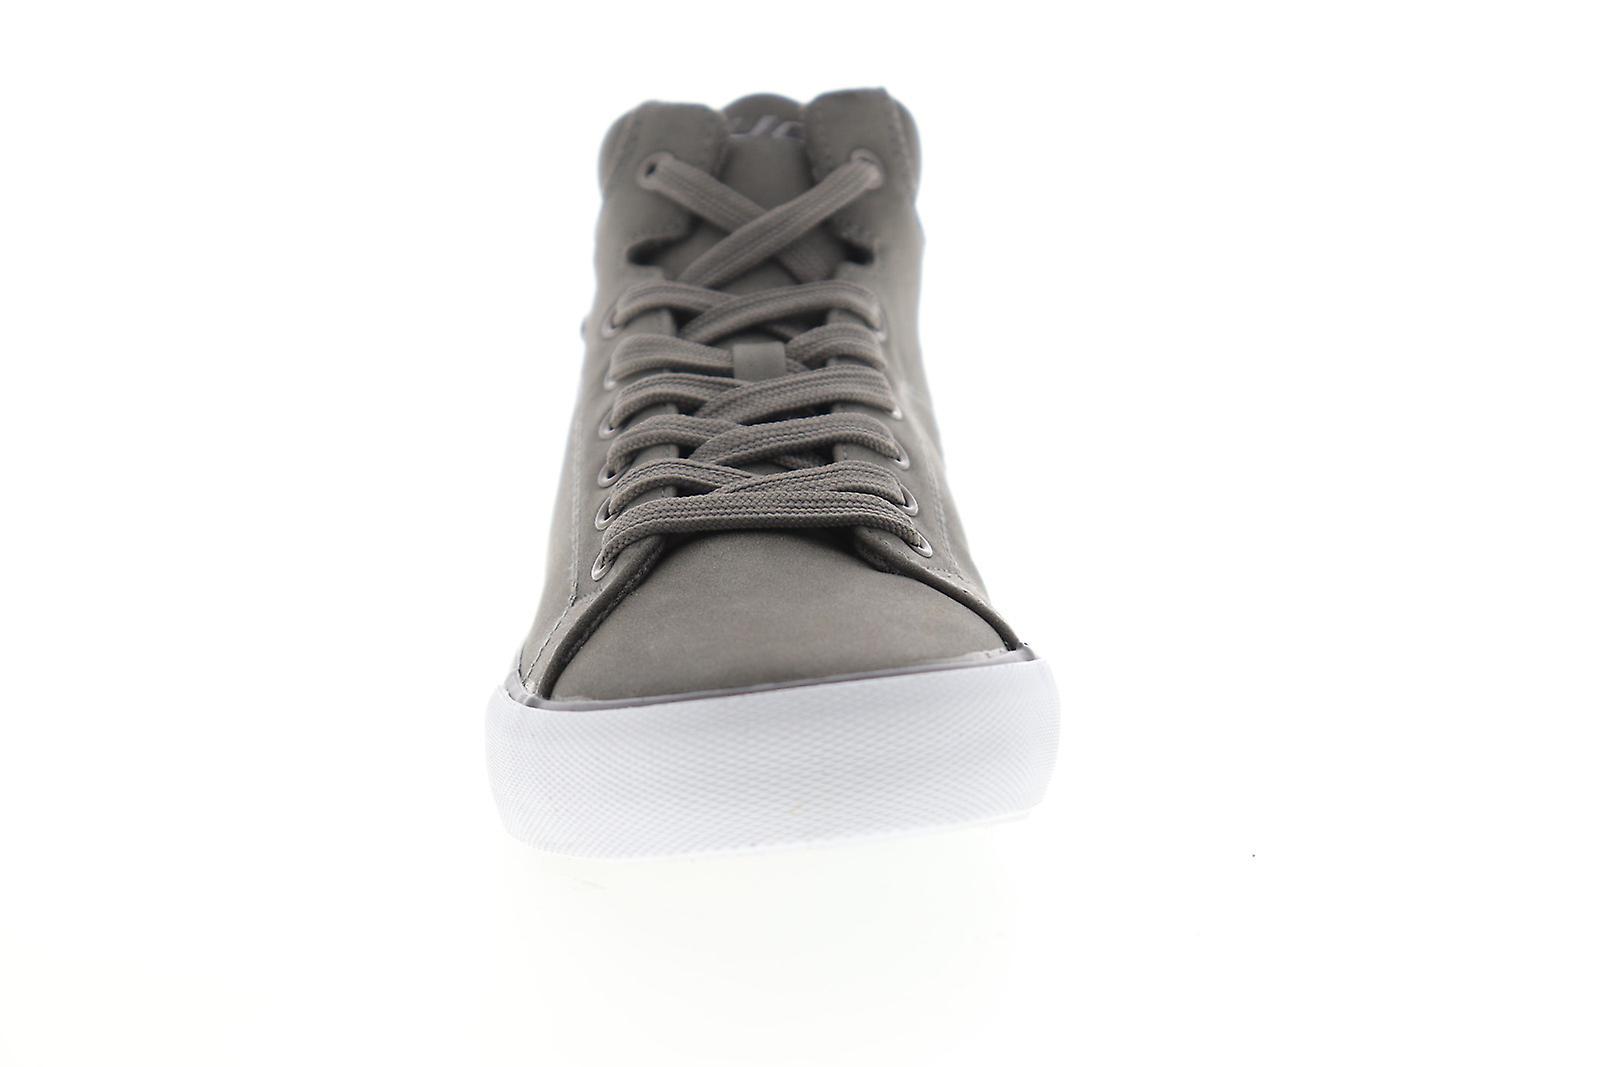 Lugz King LX Mens Gray Suede Lace Up High Top Sneakers Schoenen - Gratis verzending fGJciO